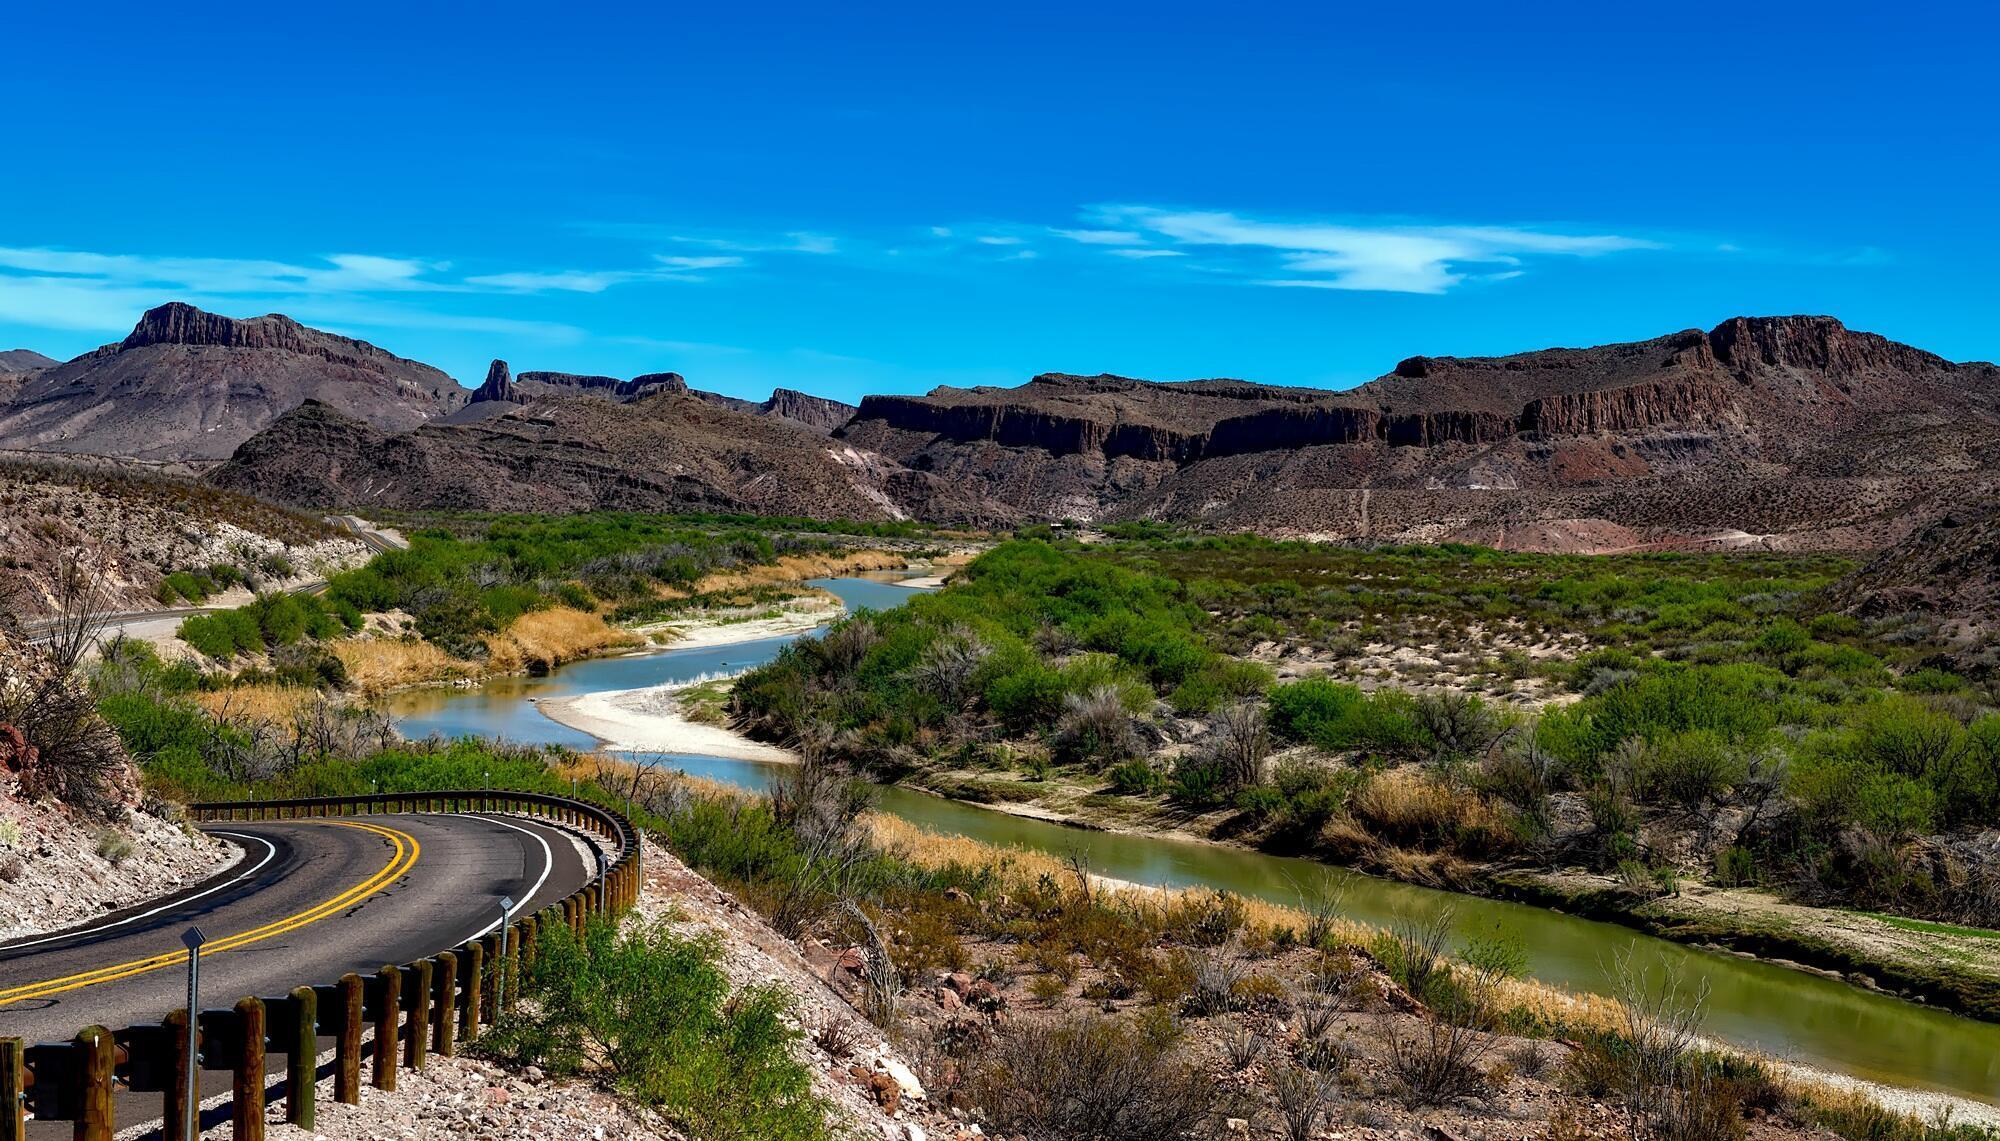 Le Rio Grande, ou Rio Bravo, côté Etats-Unis dans le parc national de Big Bend.